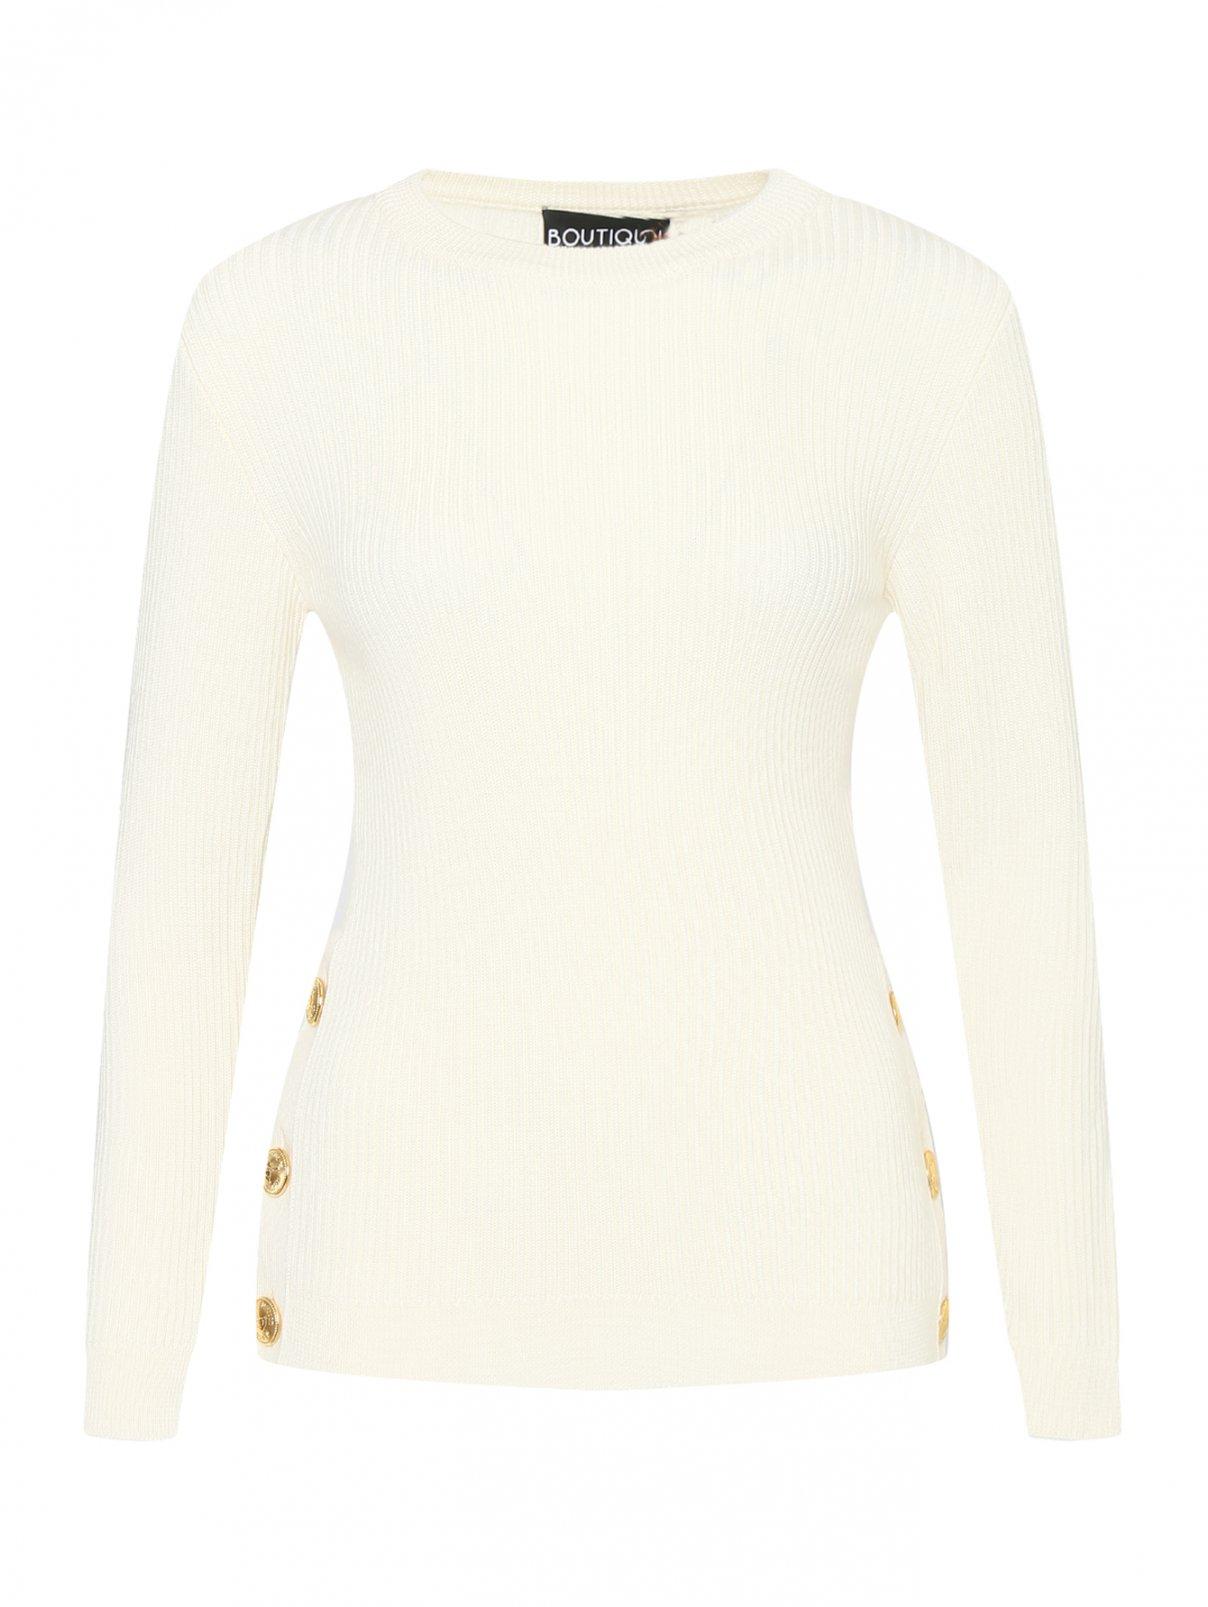 Джемпер из смесовой шерсти с металлическими пуговицами Moschino Boutique  –  Общий вид